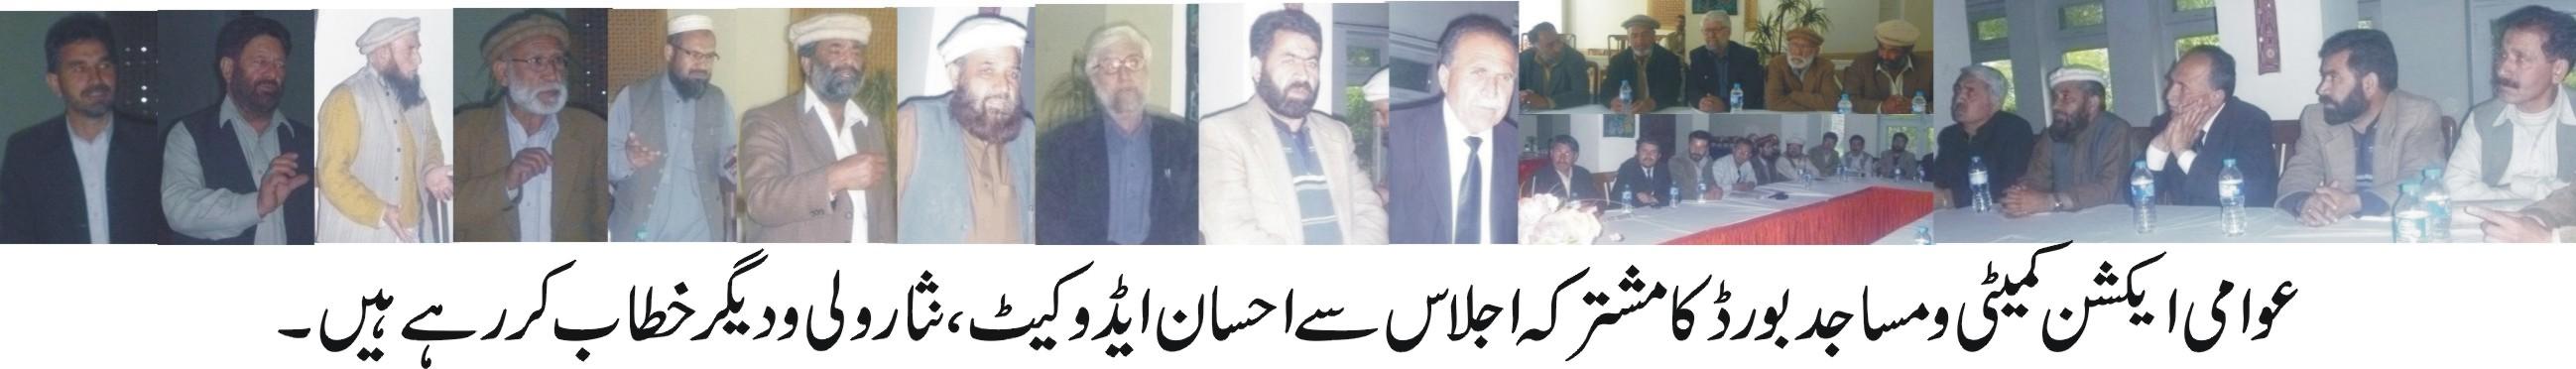 عوامی ایکشن کمیٹی اور مساجد بورڈ کا مشترکہ اجلاس، پندرہ اپریل سے قبل مسائل حل کرنے پر اتفاق